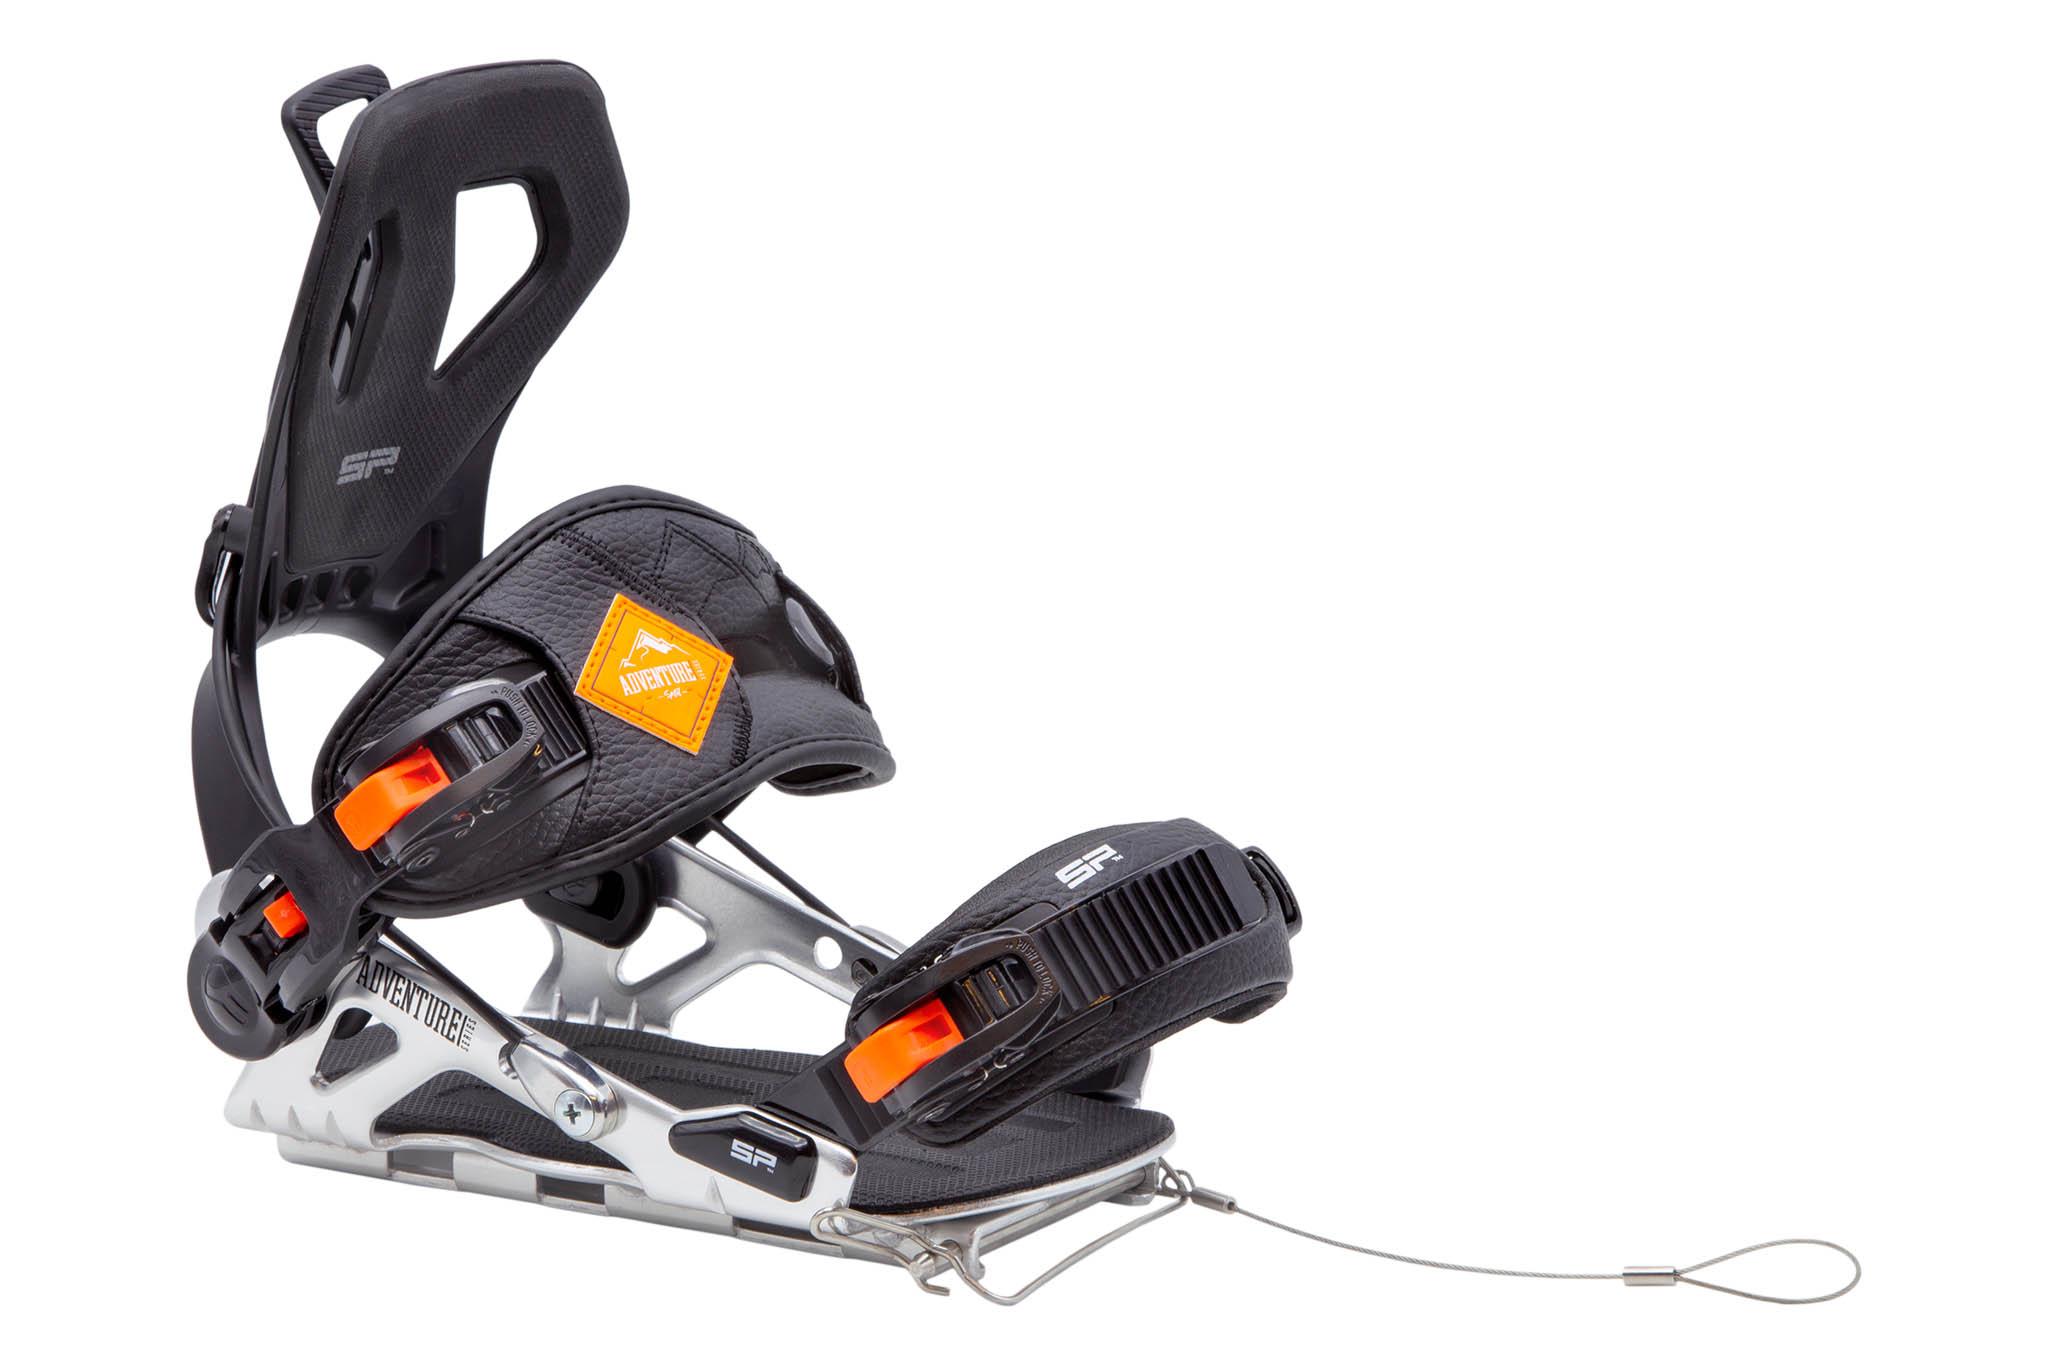 SP 21/22 Snowboard Bindings